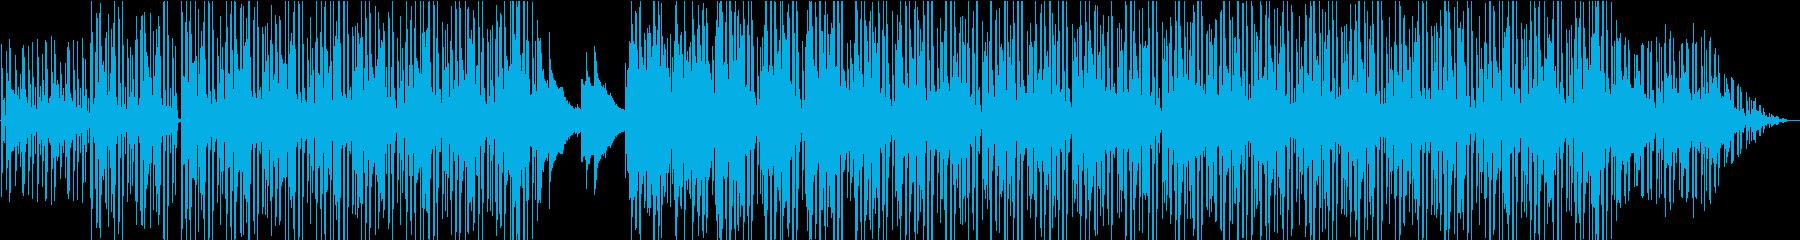 ジャズ系クールなR&B/トランペットメロの再生済みの波形